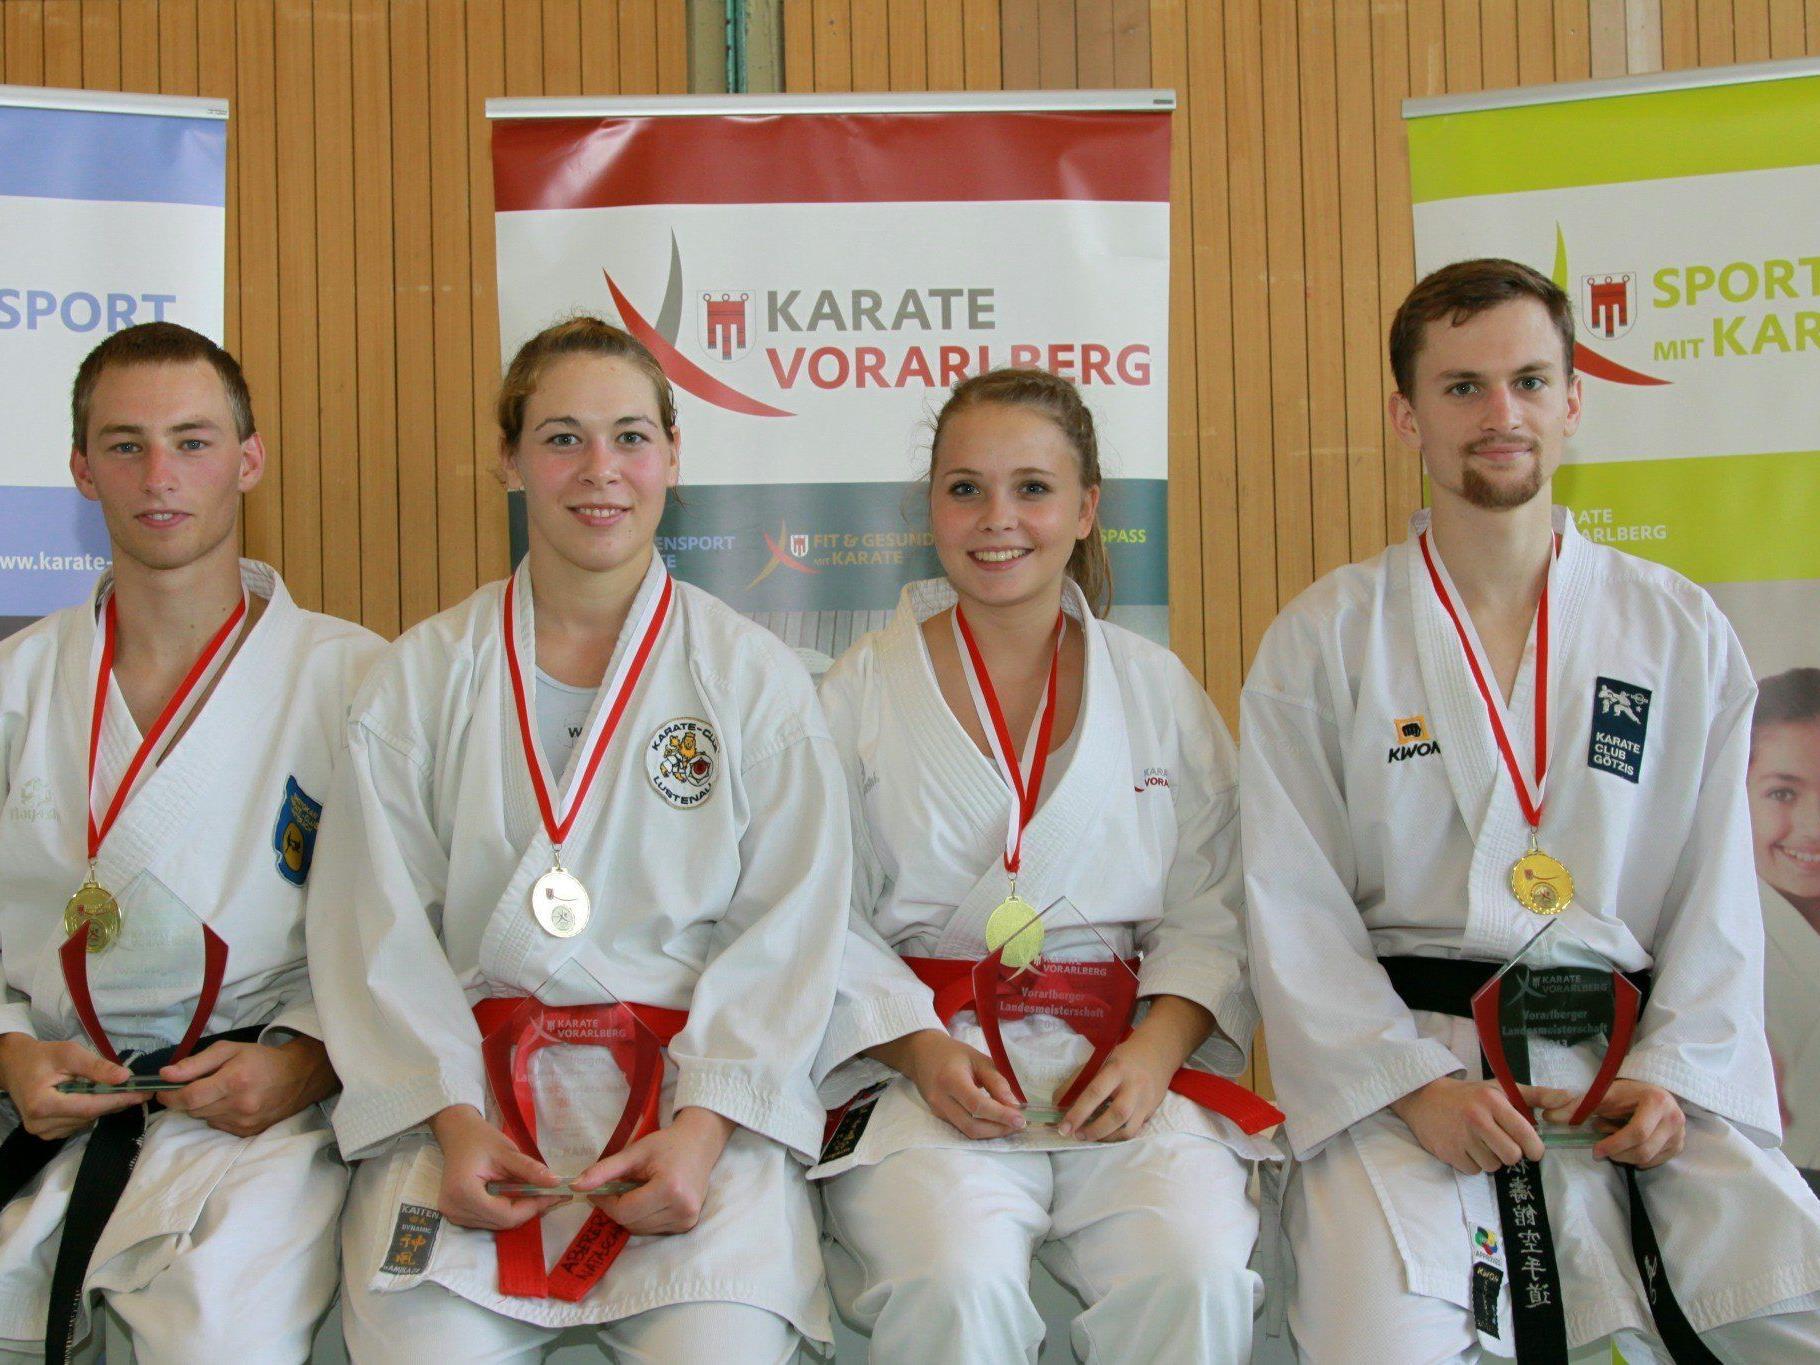 Drei neue Landesmeister brachten die landesweiten Titelkämpfe im Karate.